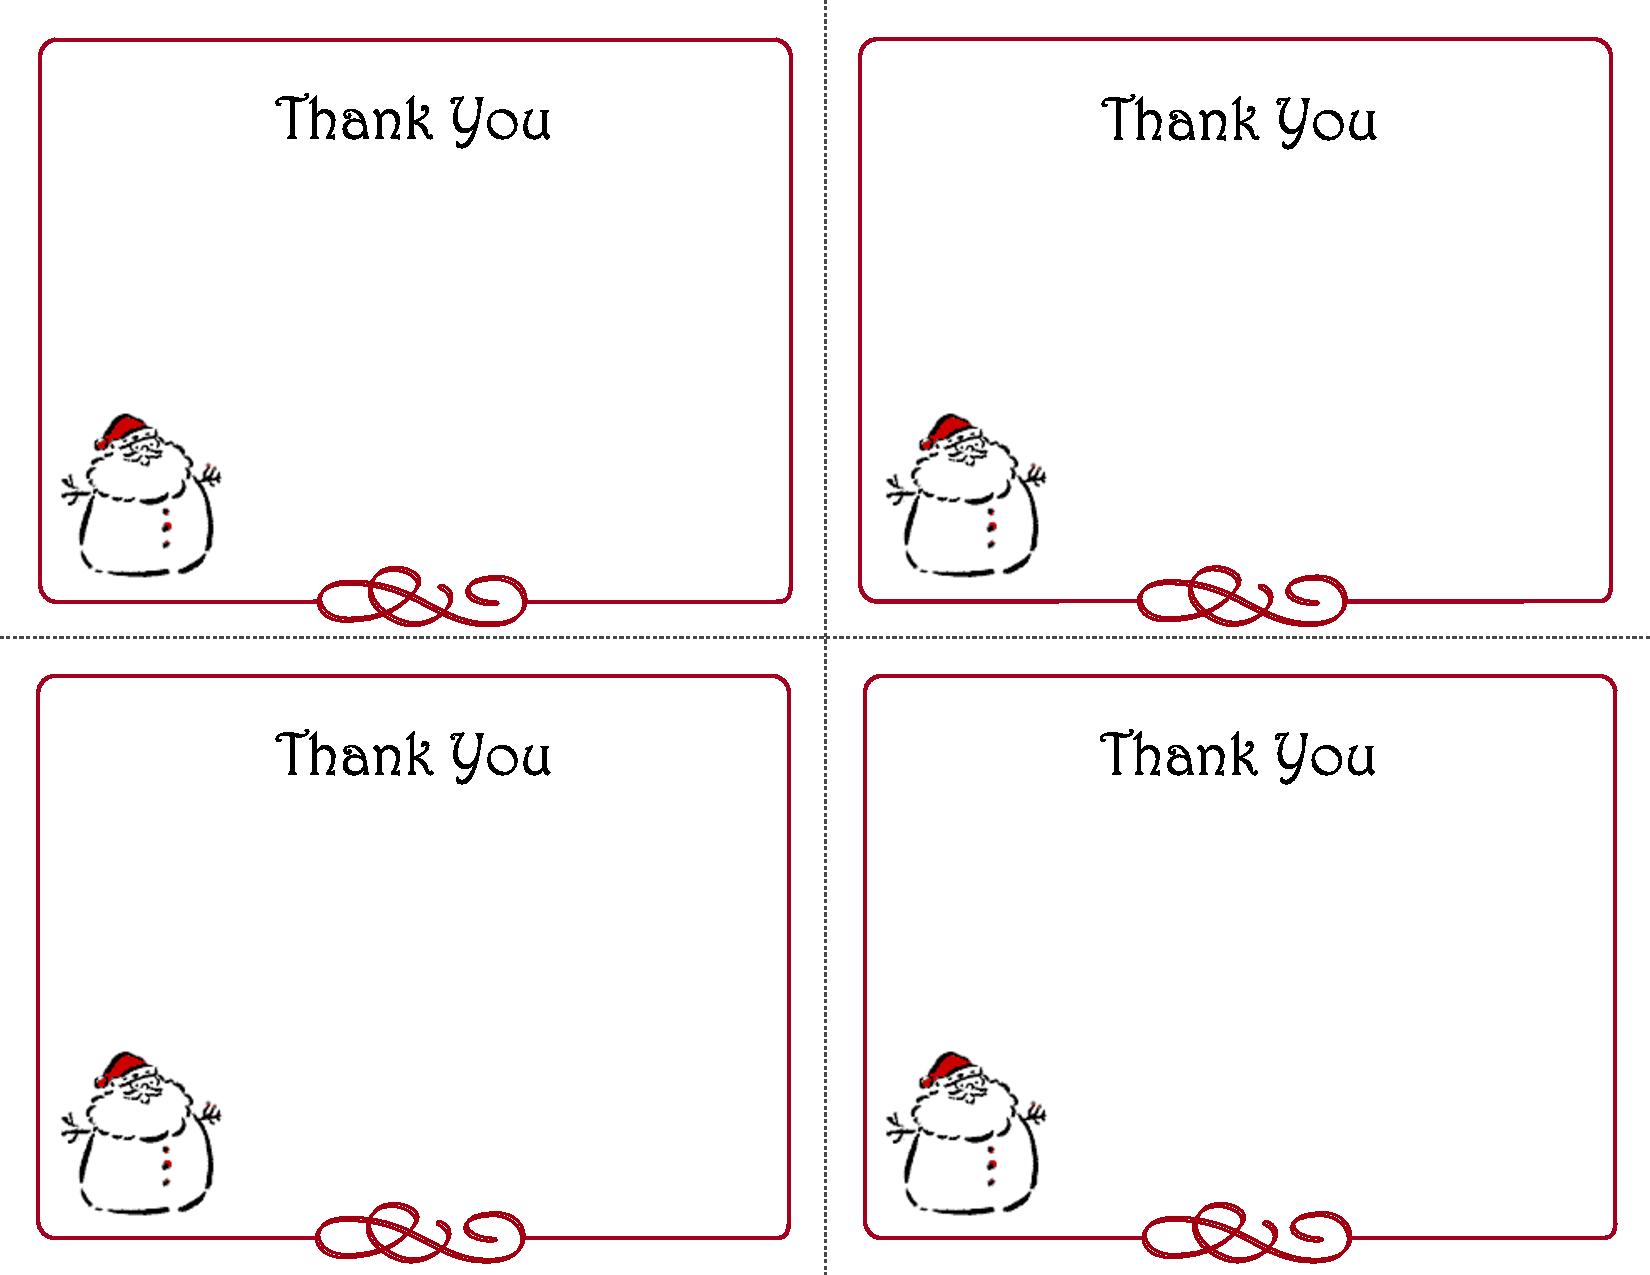 Printable Christmas Thank You Card Templates Thank You Cards Pinterest Card Templates